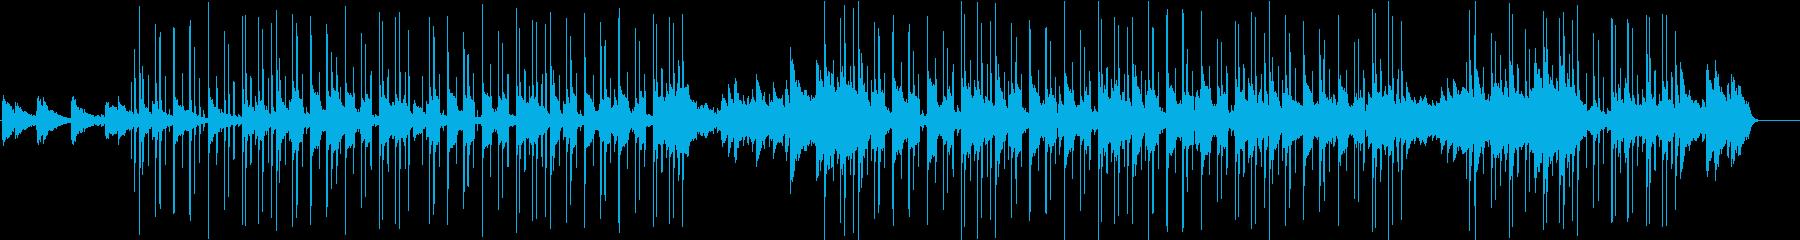 ジャジーなピアノとローファイヒップホップの再生済みの波形